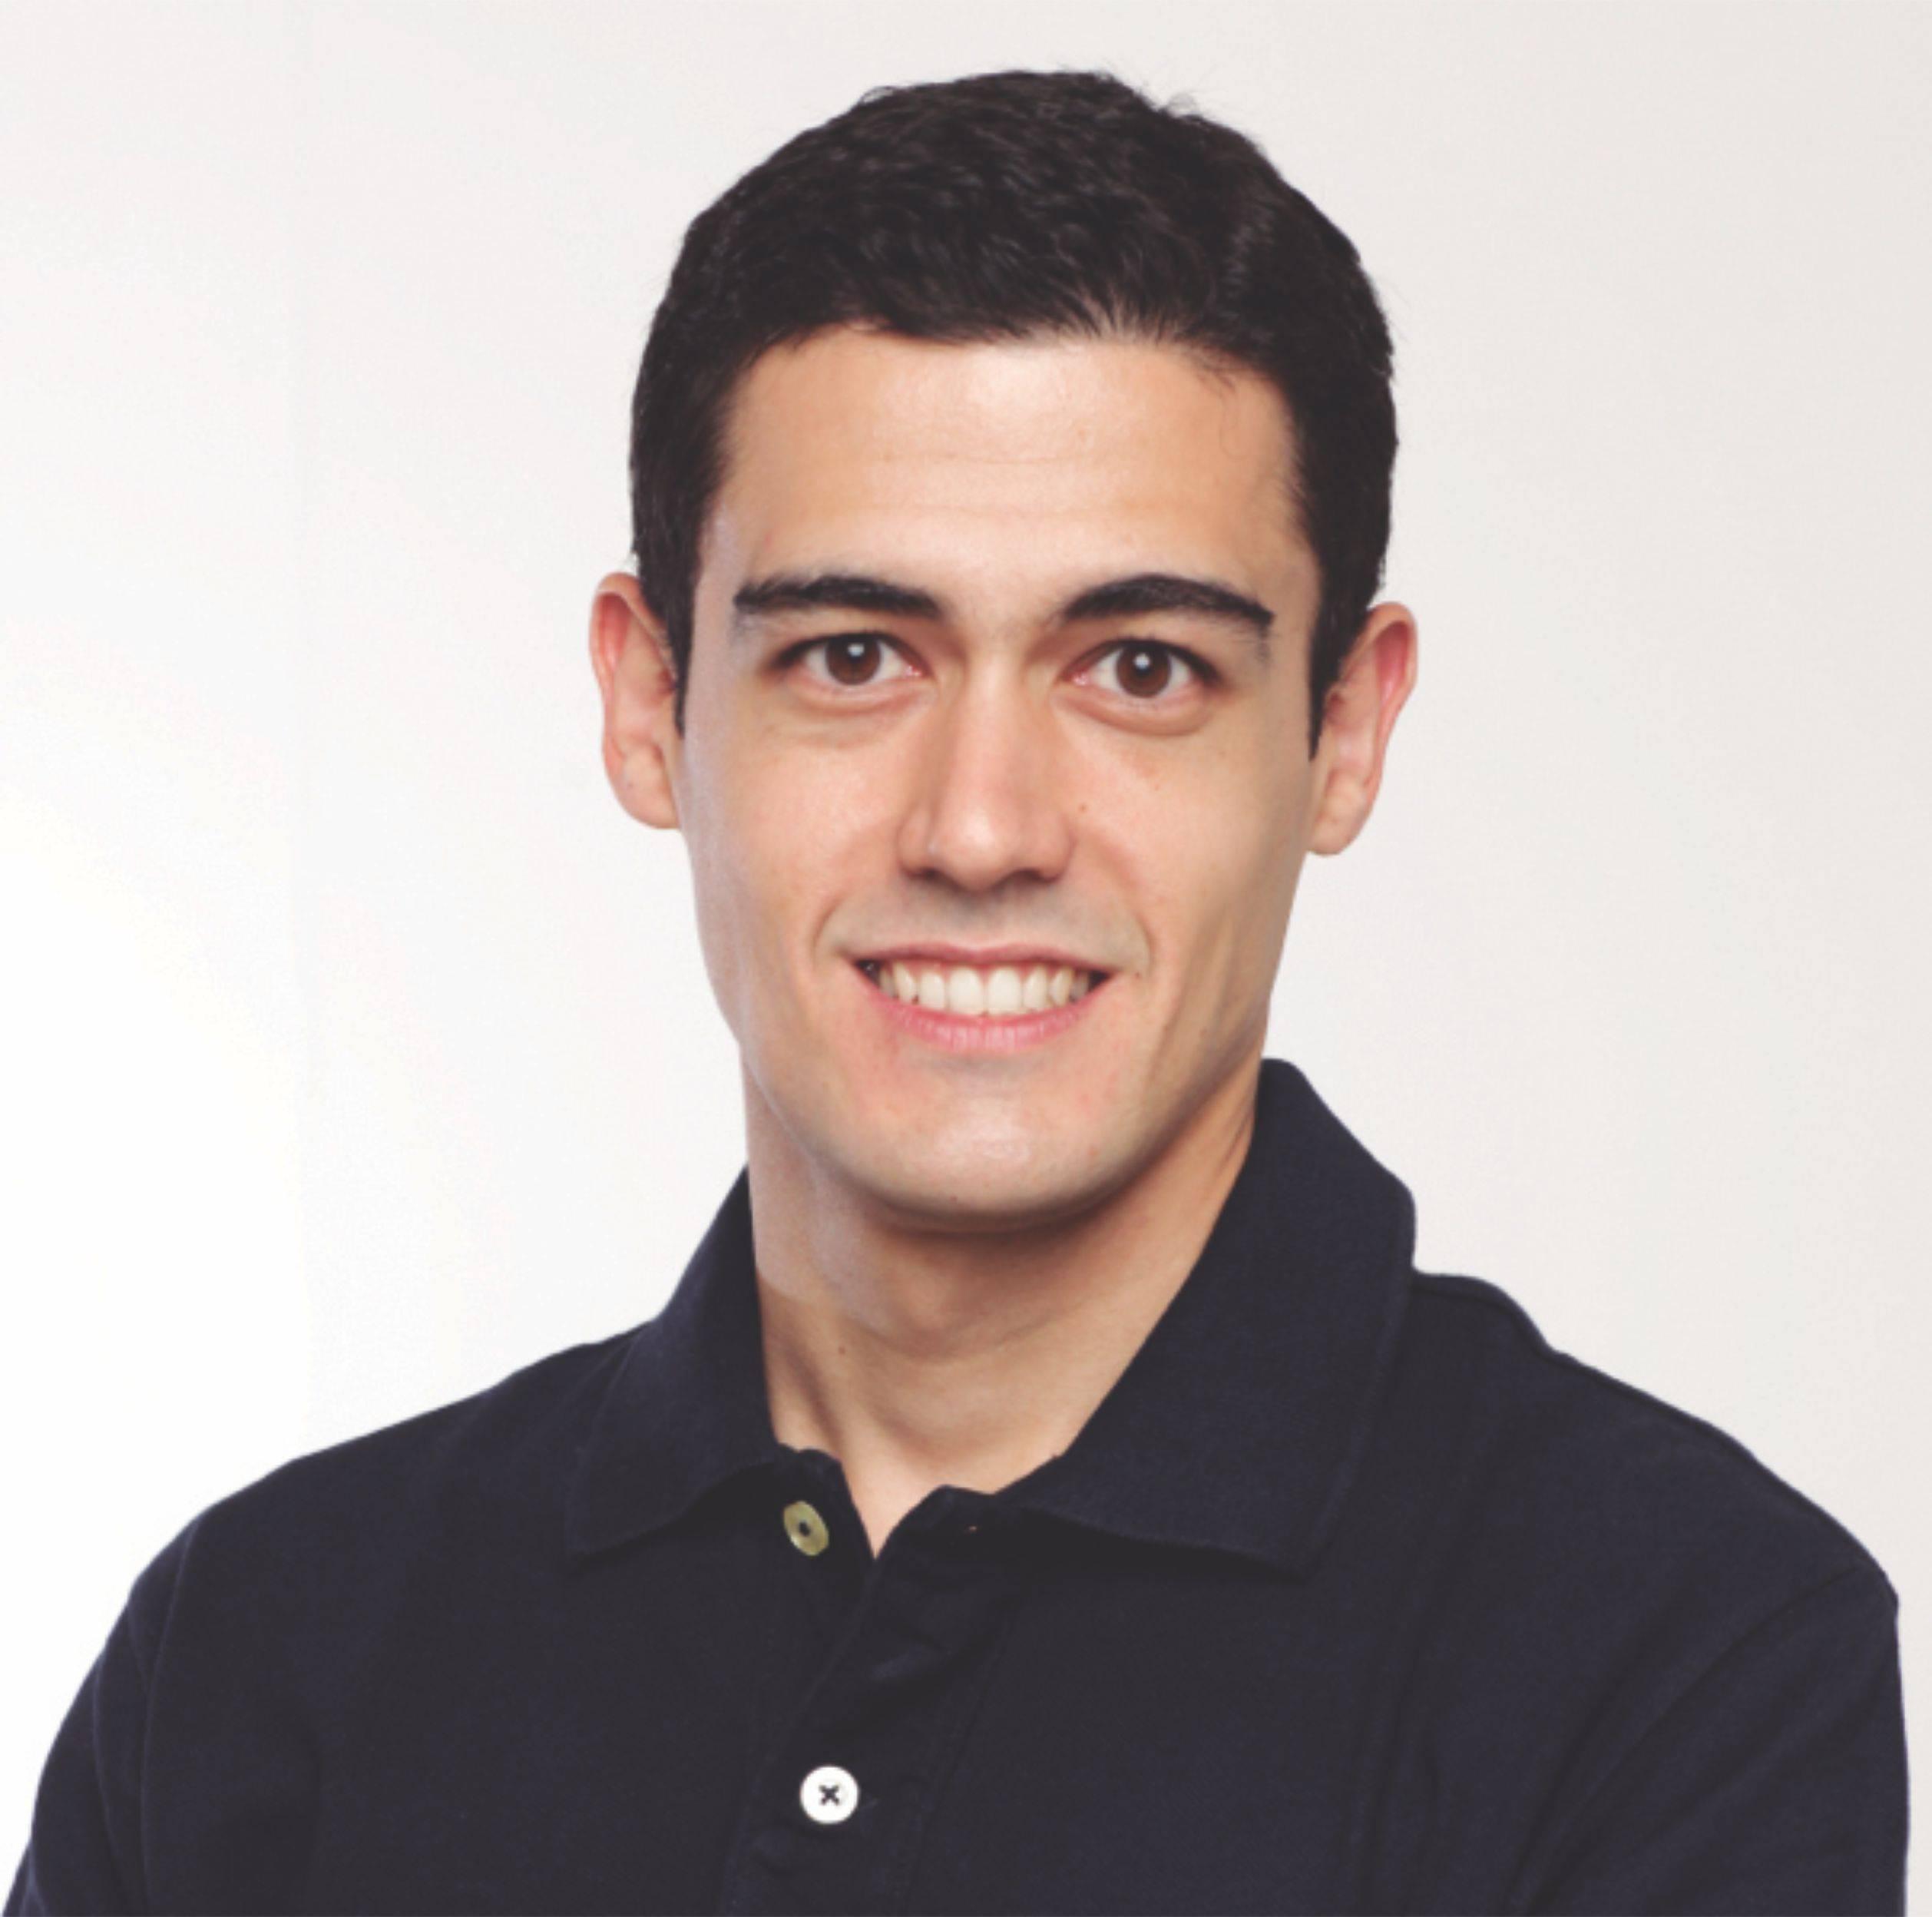 Daniel Real Empretec